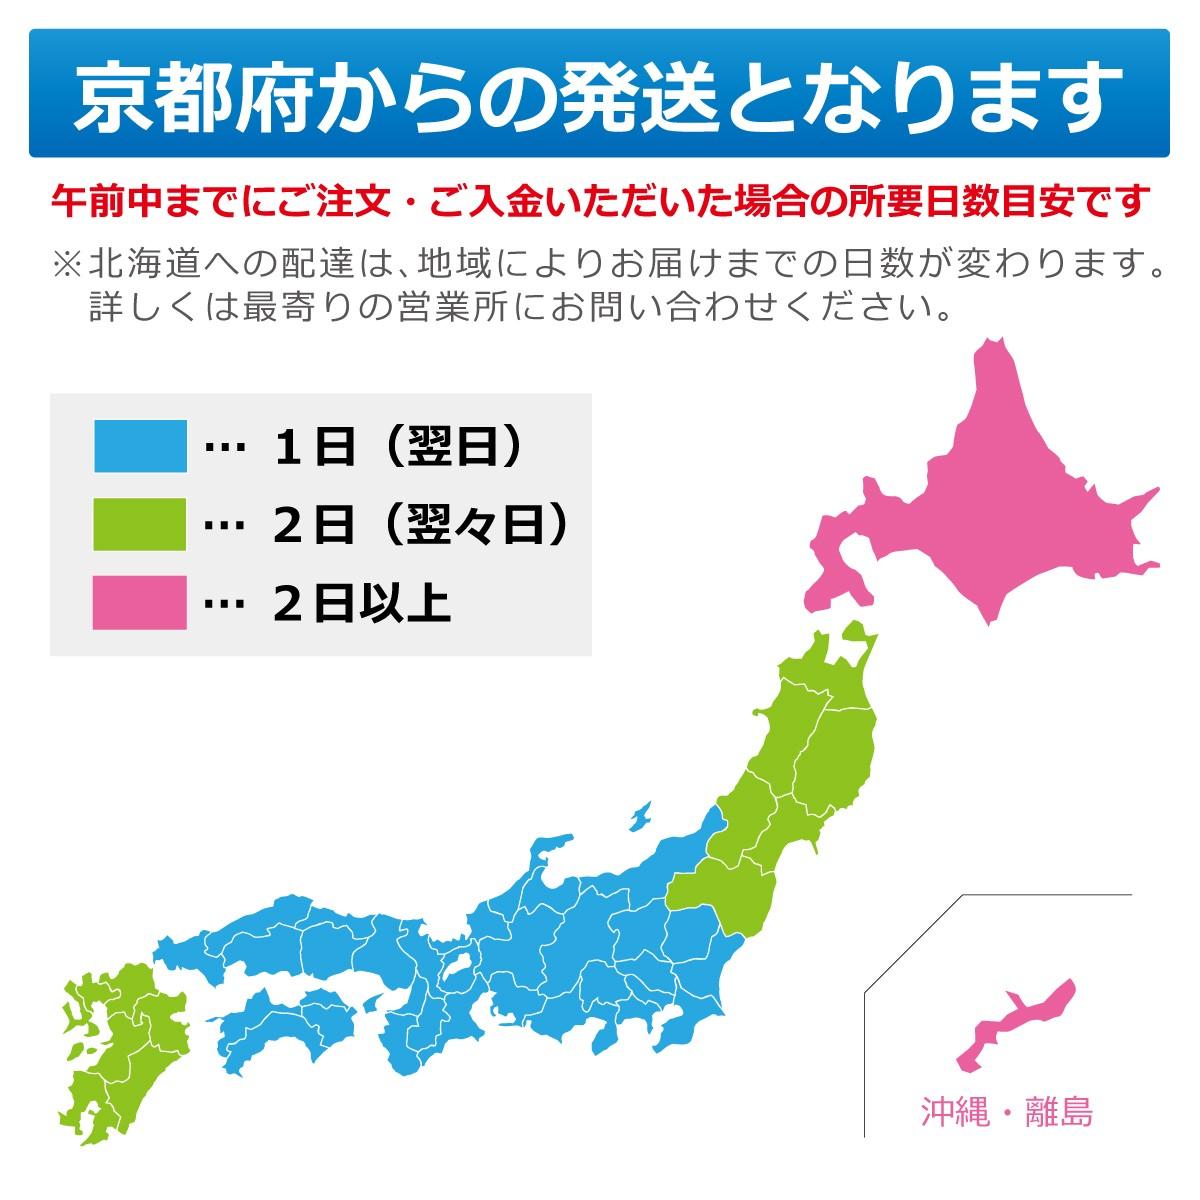 京都府からの発送となります 午前中までにご注文・ご入金いただいた場合の所要日数目安です ※北海道への配達は、地域によりお届けまでの日数が変わります。詳しくは最寄りの営業所にお問い合わせください。